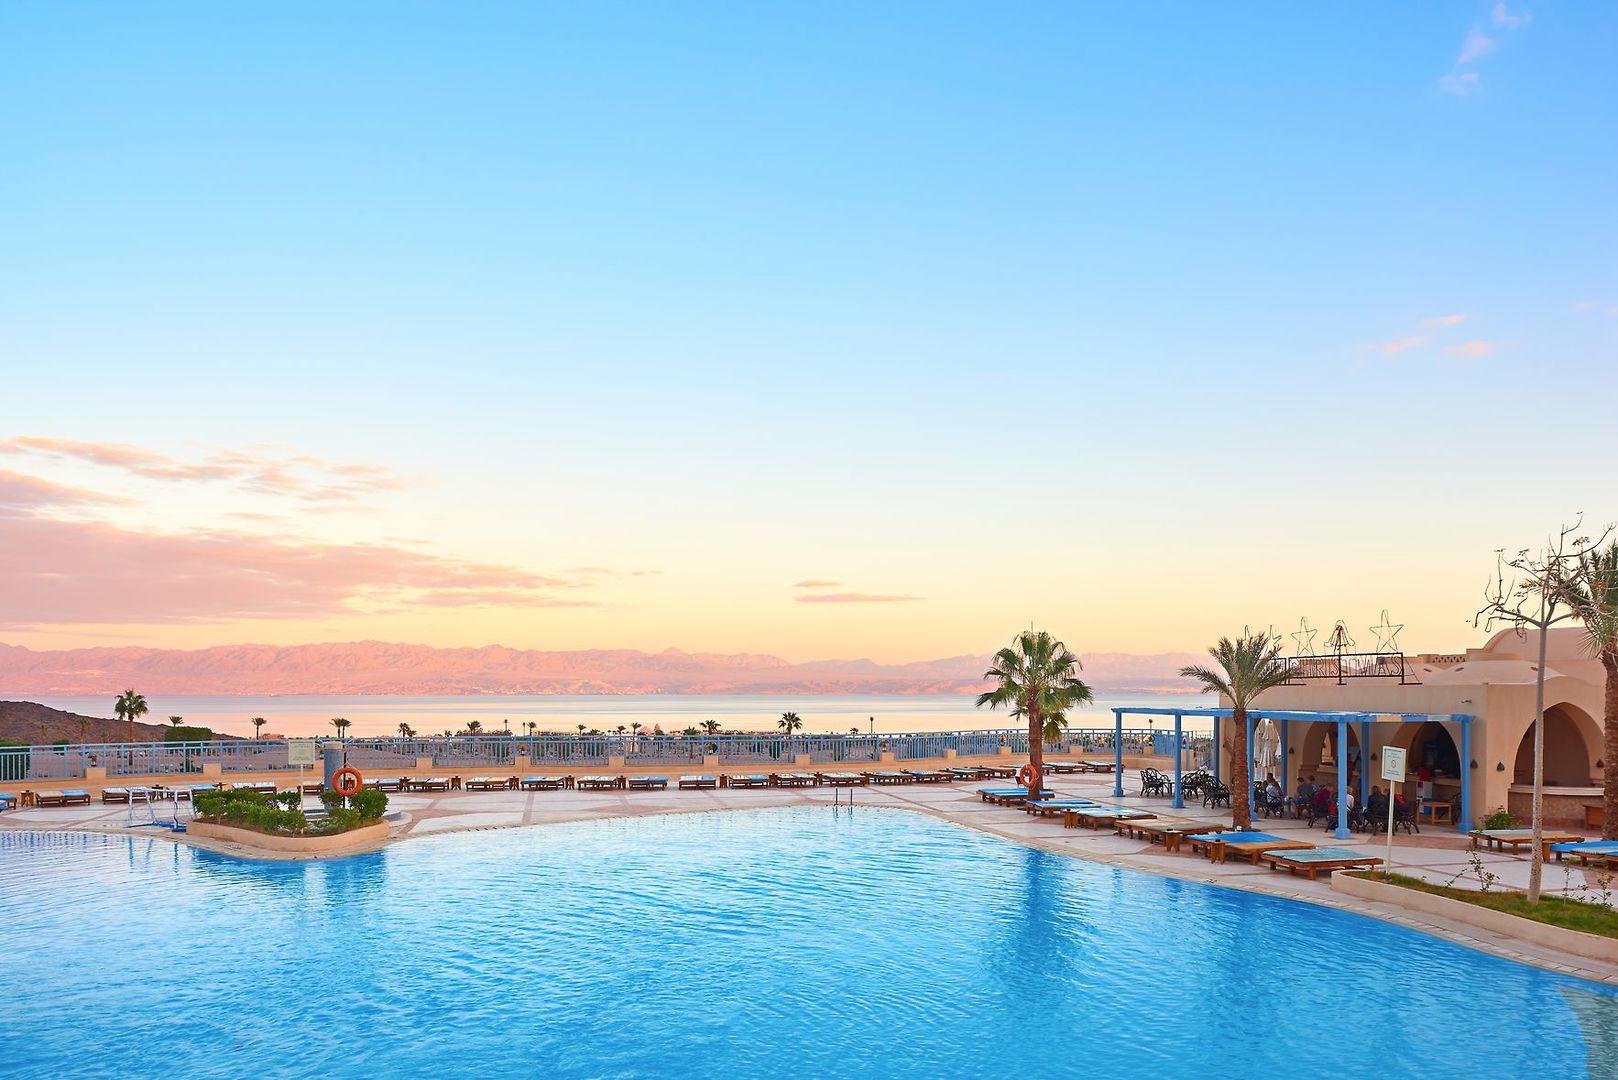 El Wekala Aqua Park Resort   - Taba  - Egypt